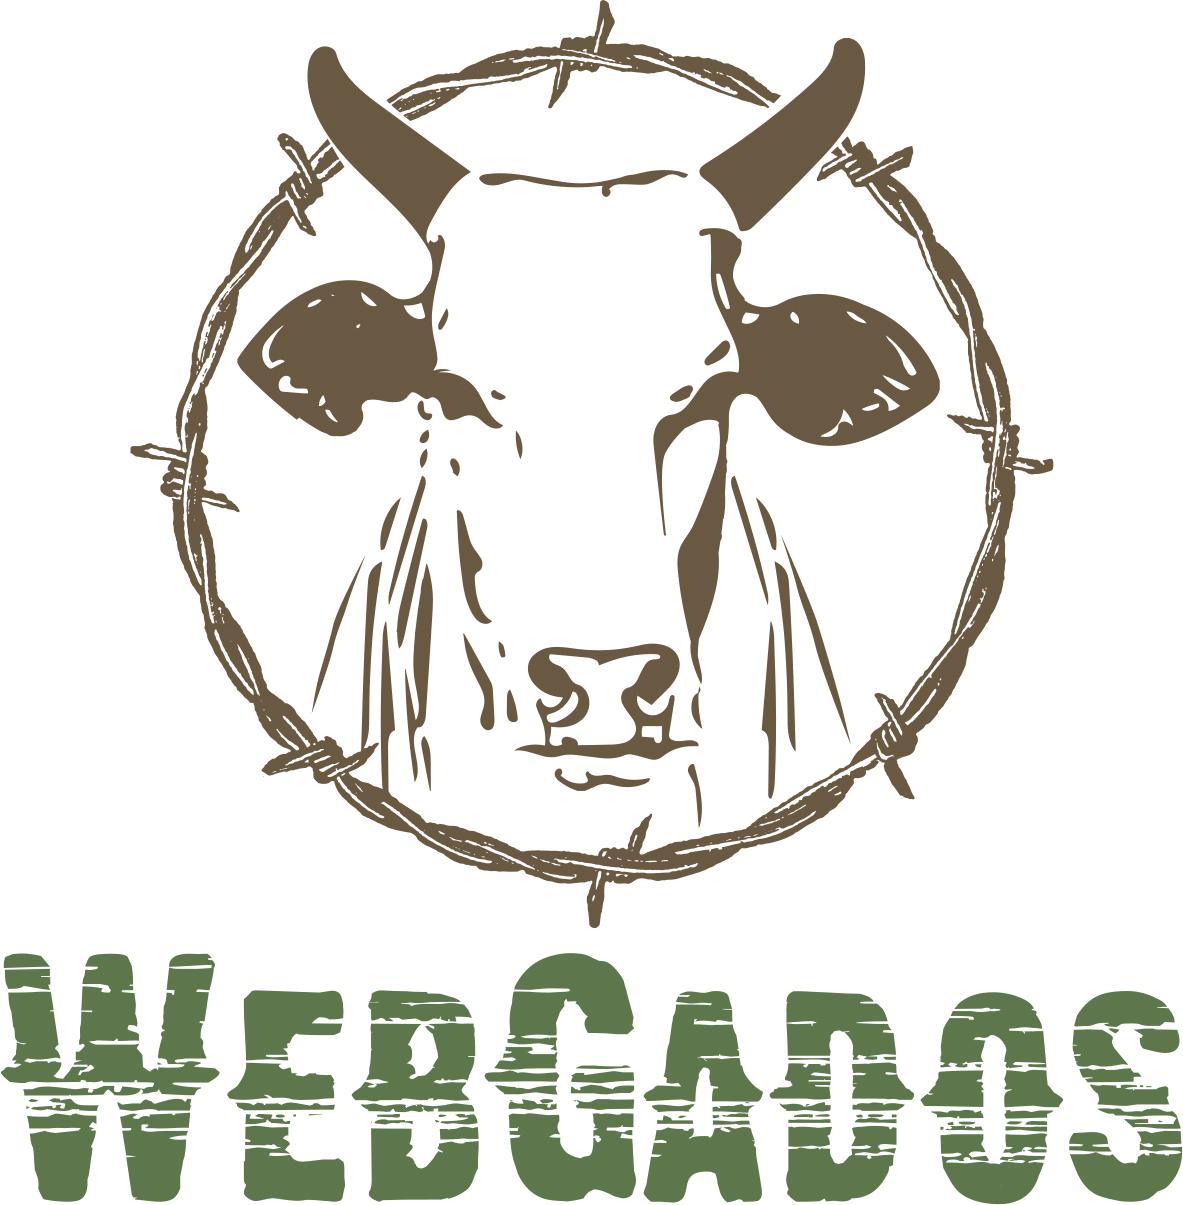 WebGados